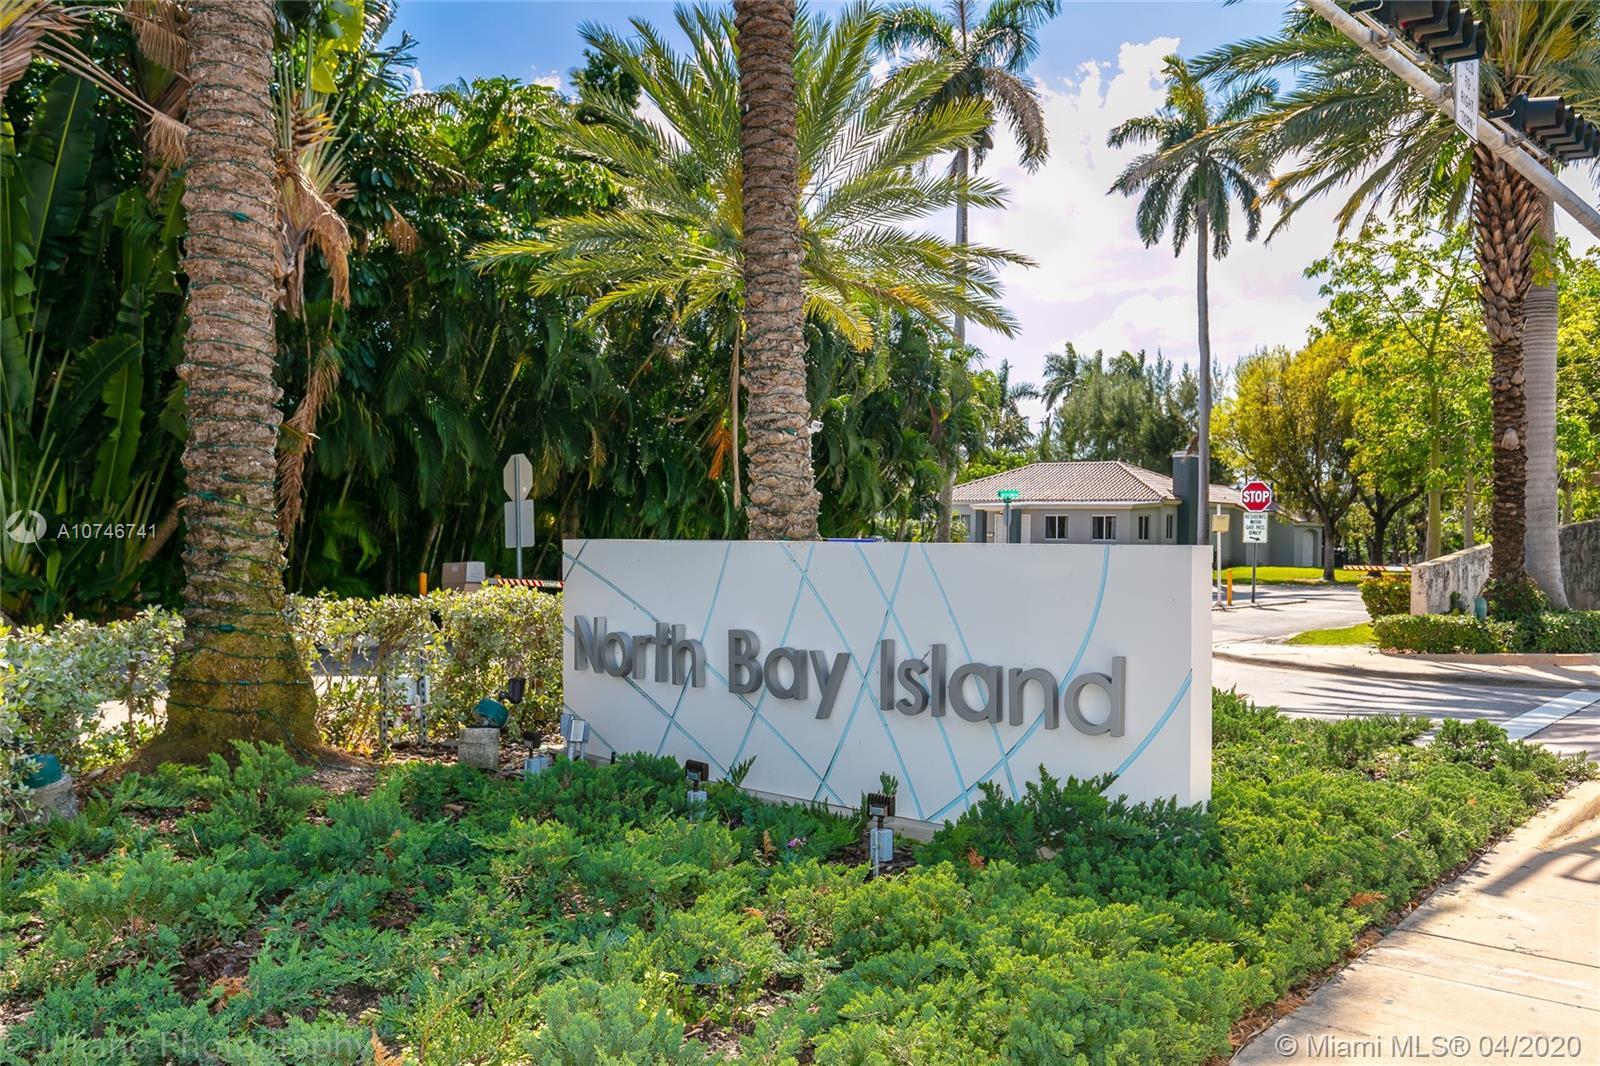 7701 Miami View Dr, North Bay Village FL 33141